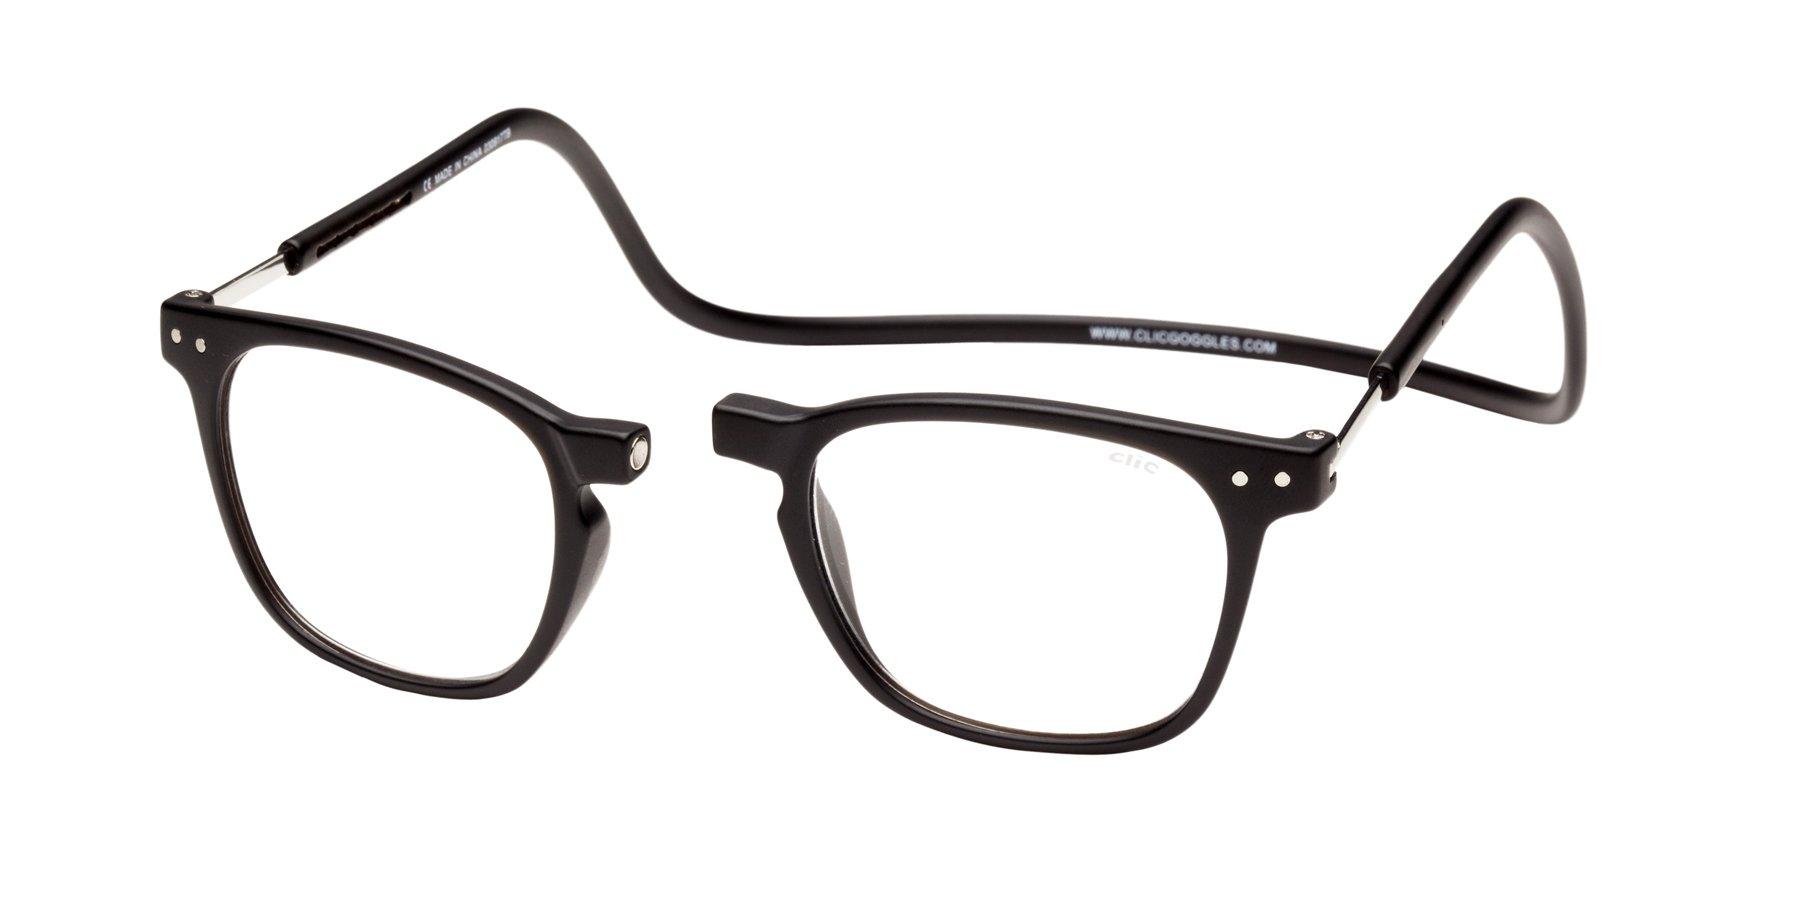 6d4b0176c64 Amazon.com  Clic Magnetic Reading Glasses Manhattan in Tortoise + ...